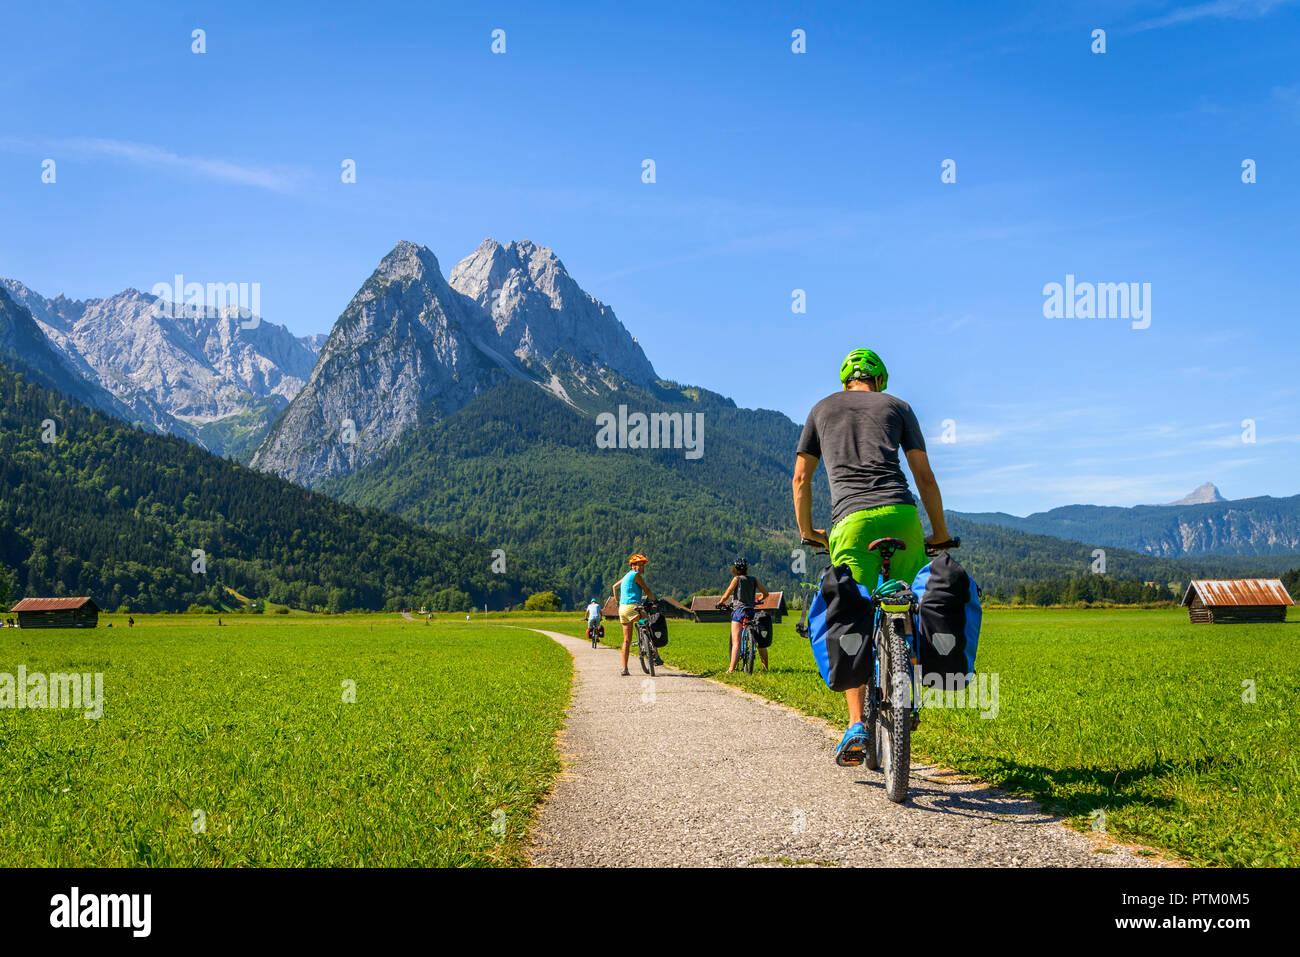 Ciclista sulla Gita in Bicicletta Equitazione sulla pista ciclabile sulla sua mountain bike, nel retro Zugspitze, Tegernauweg, vicino a Grainau Immagini Stock